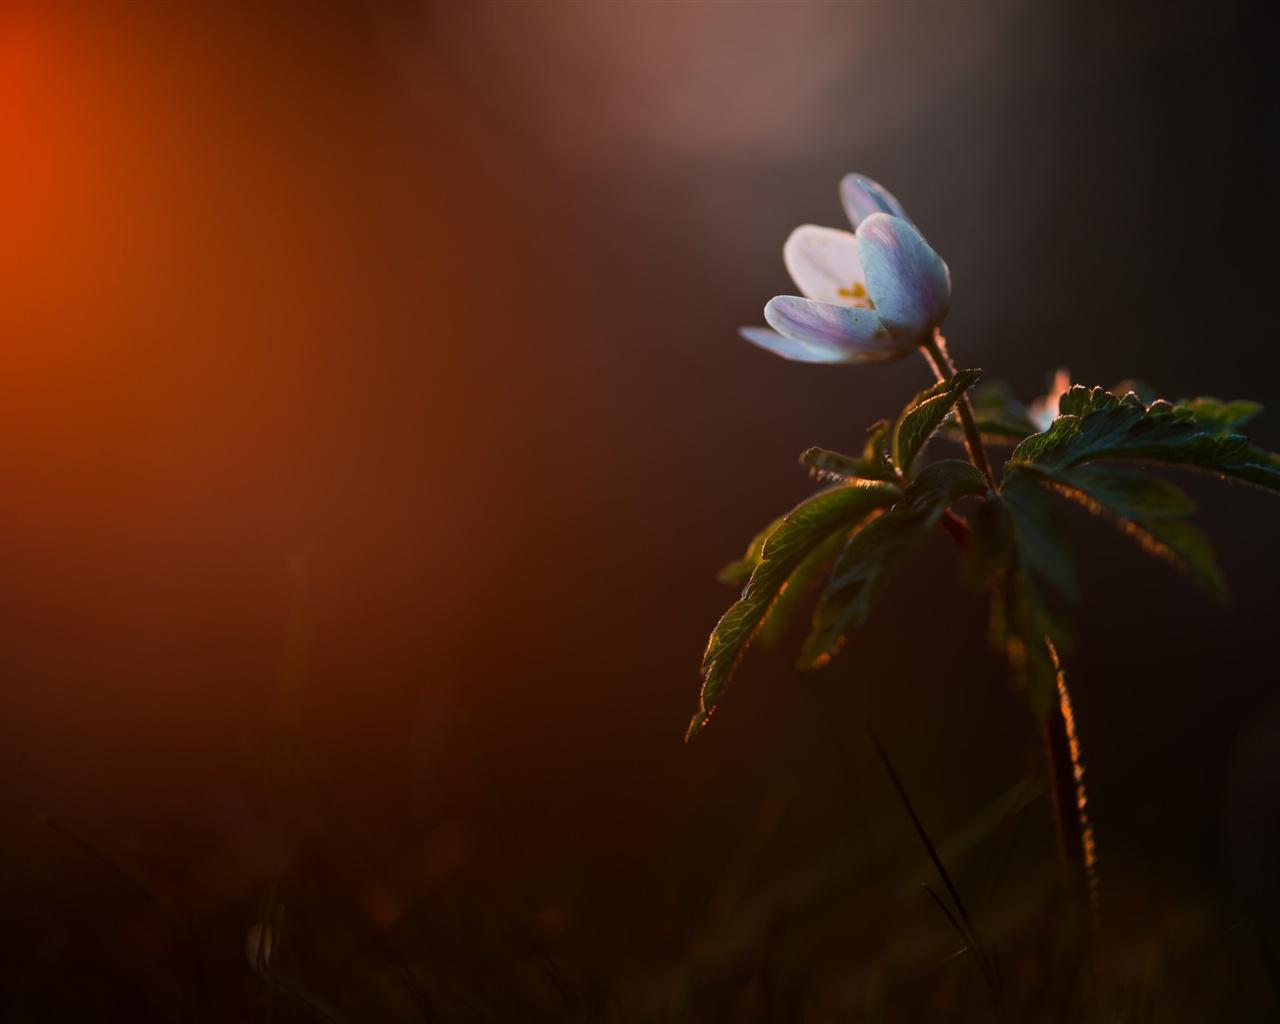 Fondos De Pantalla Flor Azul, Hojas, Fondo Oscuro